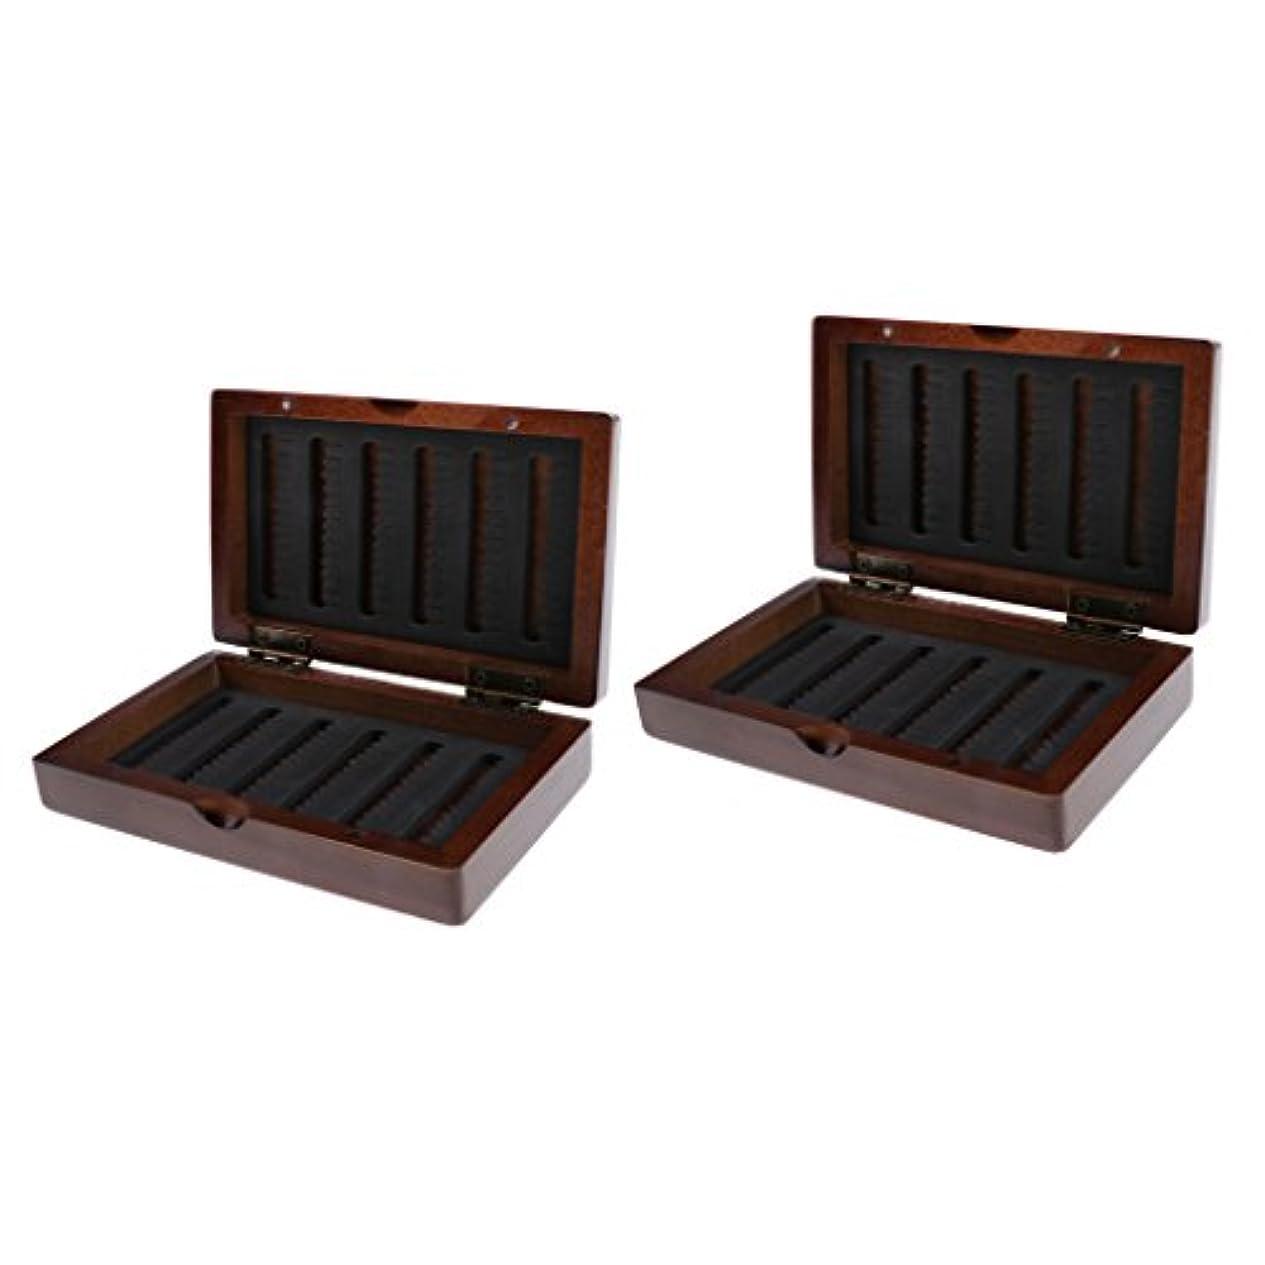 スプレーのヒープなんとなくBaoblaze ルアーボックス  タックルボックス 木製ケース 乾燥保つ フィッシングボックス 釣りアクセサリー 2個入り